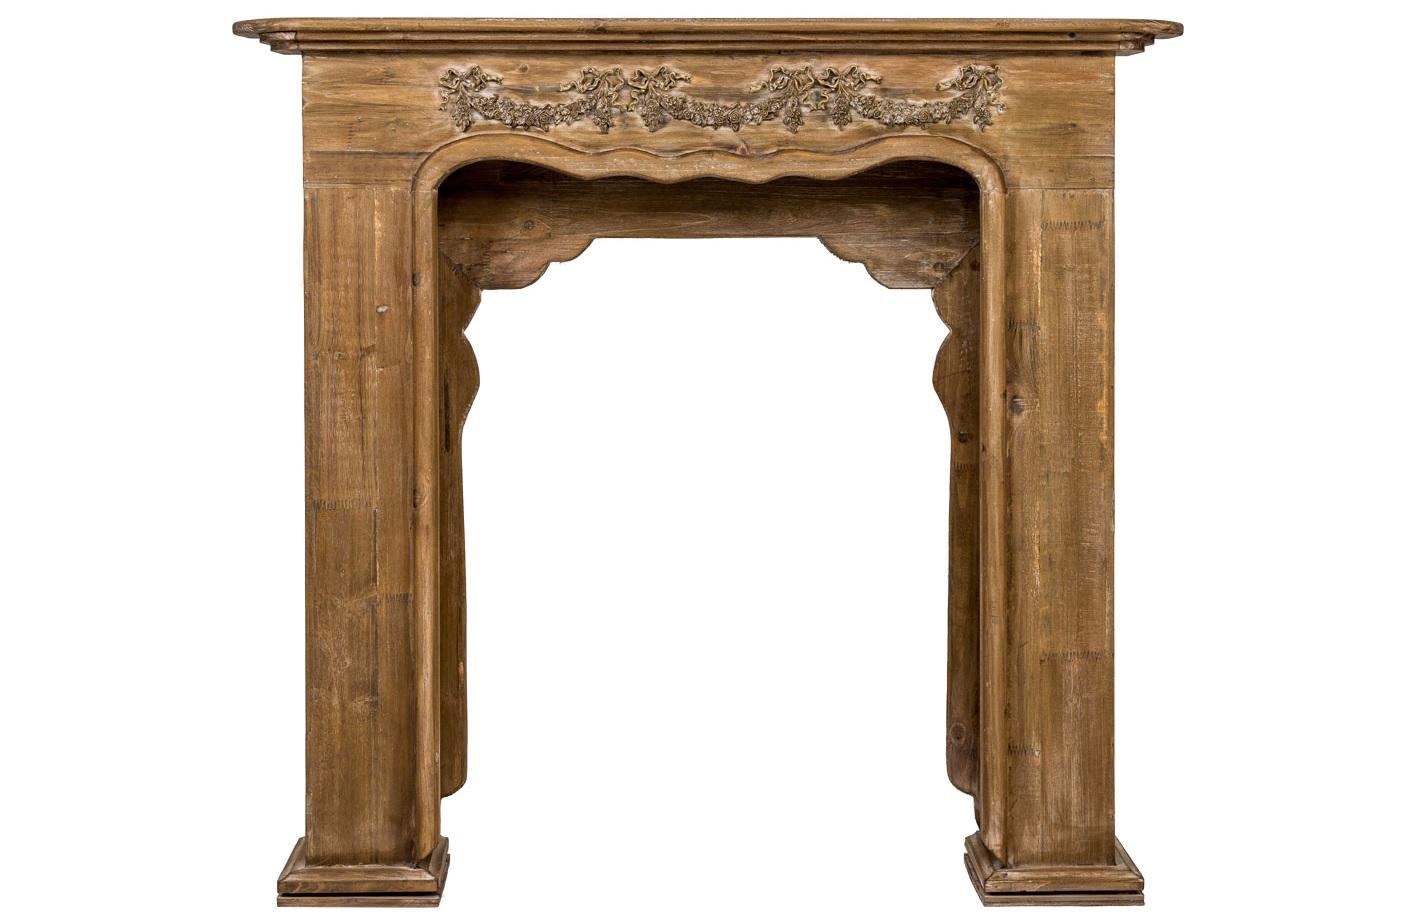 Каминный портал ЖарденДругое<br>Каминный портал &amp;quot;Жарден&amp;quot;, выполненный в манере дворцового классицизма и обладающий величественными  формами, - образец интерьерного лидера, задающего эталон благородства любому интерьеру. В дизайне  решающую роль играет узор: фронтон украшен лаврово-цветочной гирляндой, придающей рельефу особую значимость.  Поверхность портала покрыта прозрачным лаком, сохраняющим структуру натурального дерева. Старинный дизайн подчеркнут искусной техникой состаривания. Большинство деталей портала созданы вручную.&amp;lt;div&amp;gt;&amp;lt;br&amp;gt;&amp;lt;/div&amp;gt;&amp;lt;div&amp;gt;&amp;lt;br&amp;gt;&amp;lt;/div&amp;gt;&amp;lt;iframe width=&amp;quot;530&amp;quot; height=&amp;quot;315&amp;quot; src=&amp;quot;https://www.youtube.com/embed/MDYV1hT42Qs&amp;quot; frameborder=&amp;quot;0&amp;quot; allowfullscreen=&amp;quot;&amp;quot;&amp;gt;&amp;lt;/iframe&amp;gt;<br><br>Material: Дерево<br>Ширина см: 100<br>Высота см: 109<br>Глубина см: 18